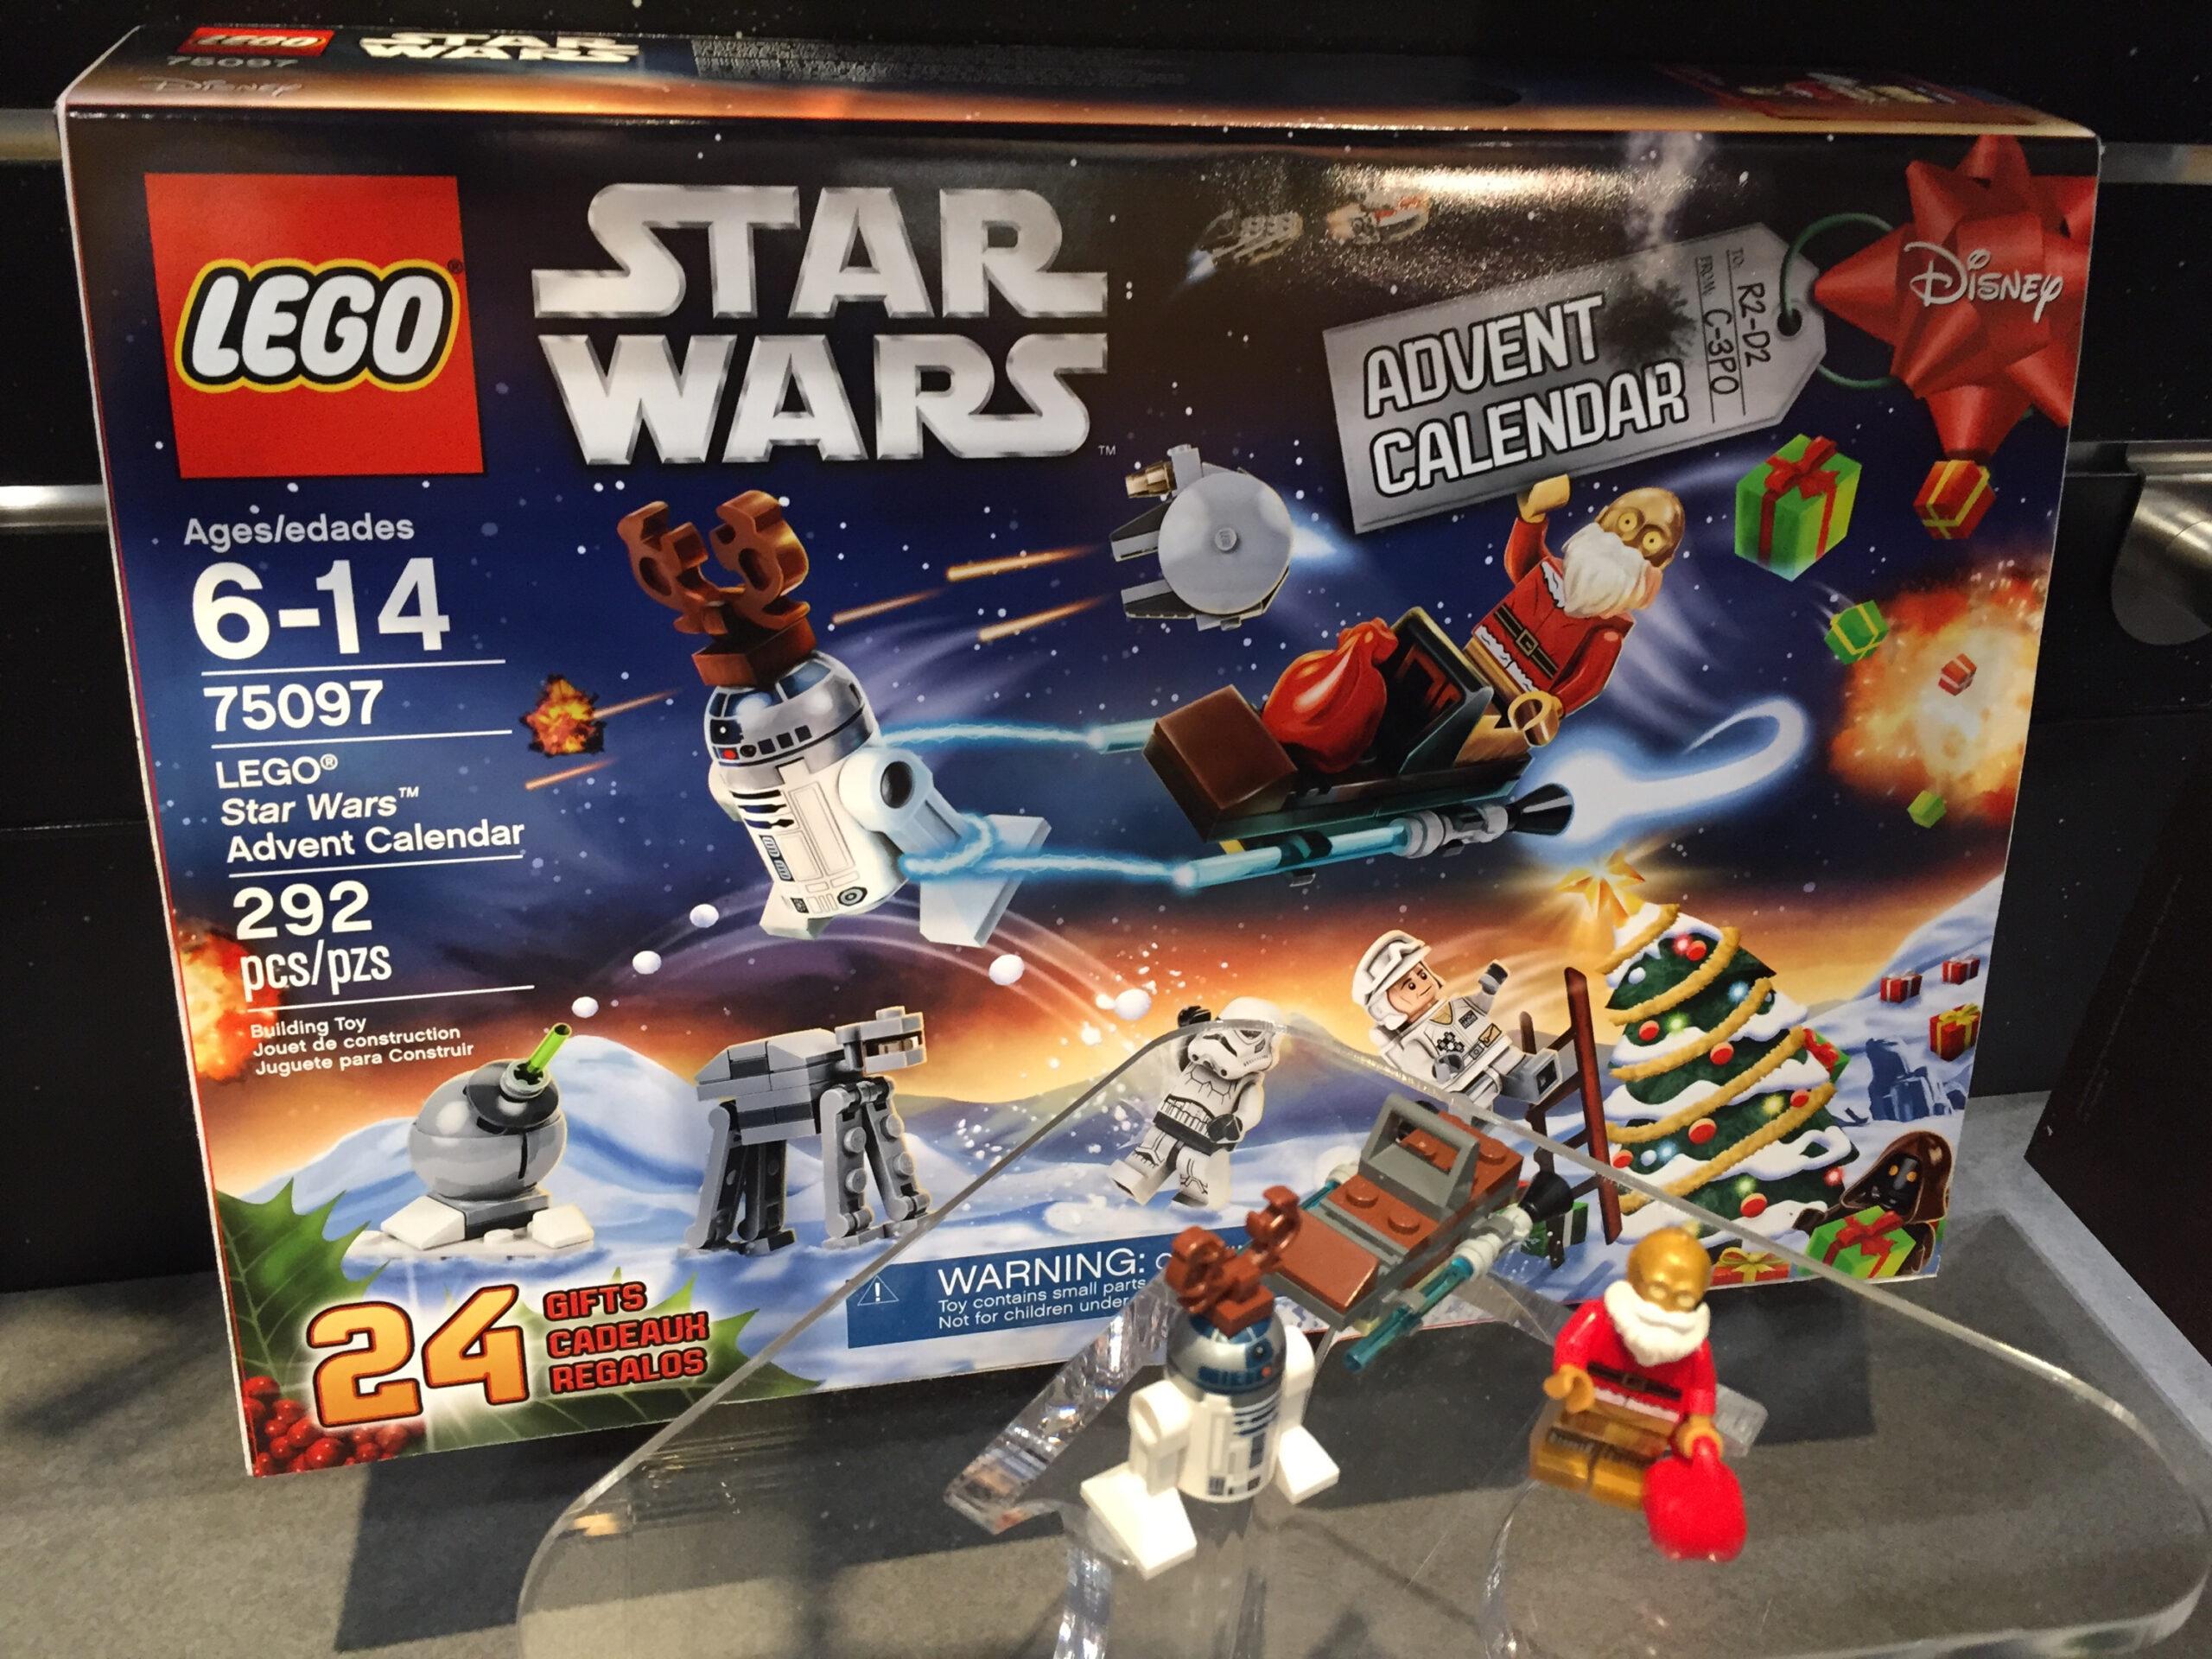 Lego Star Wars 2015 Advent Calendar Photos! Toy Fair 2015 in Lego Star Wars Advent Calendar Instructions